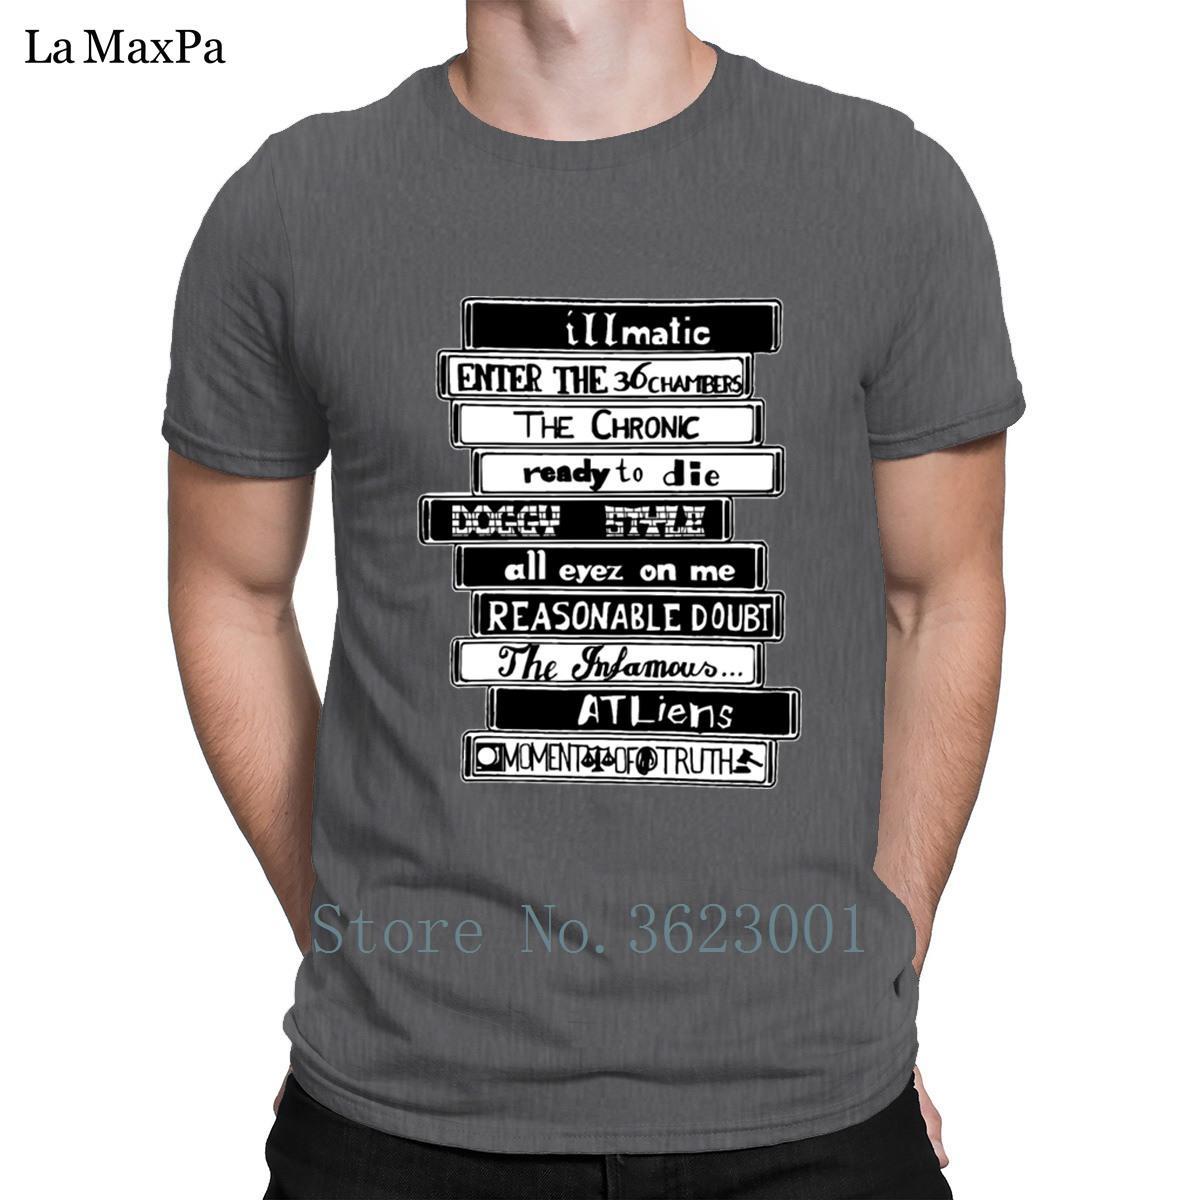 Modelo hecho punto camiseta de los hombres de verano de los años 90 Cintas Básico estilo para los hombres tamaño S-3XL Camiseta barato